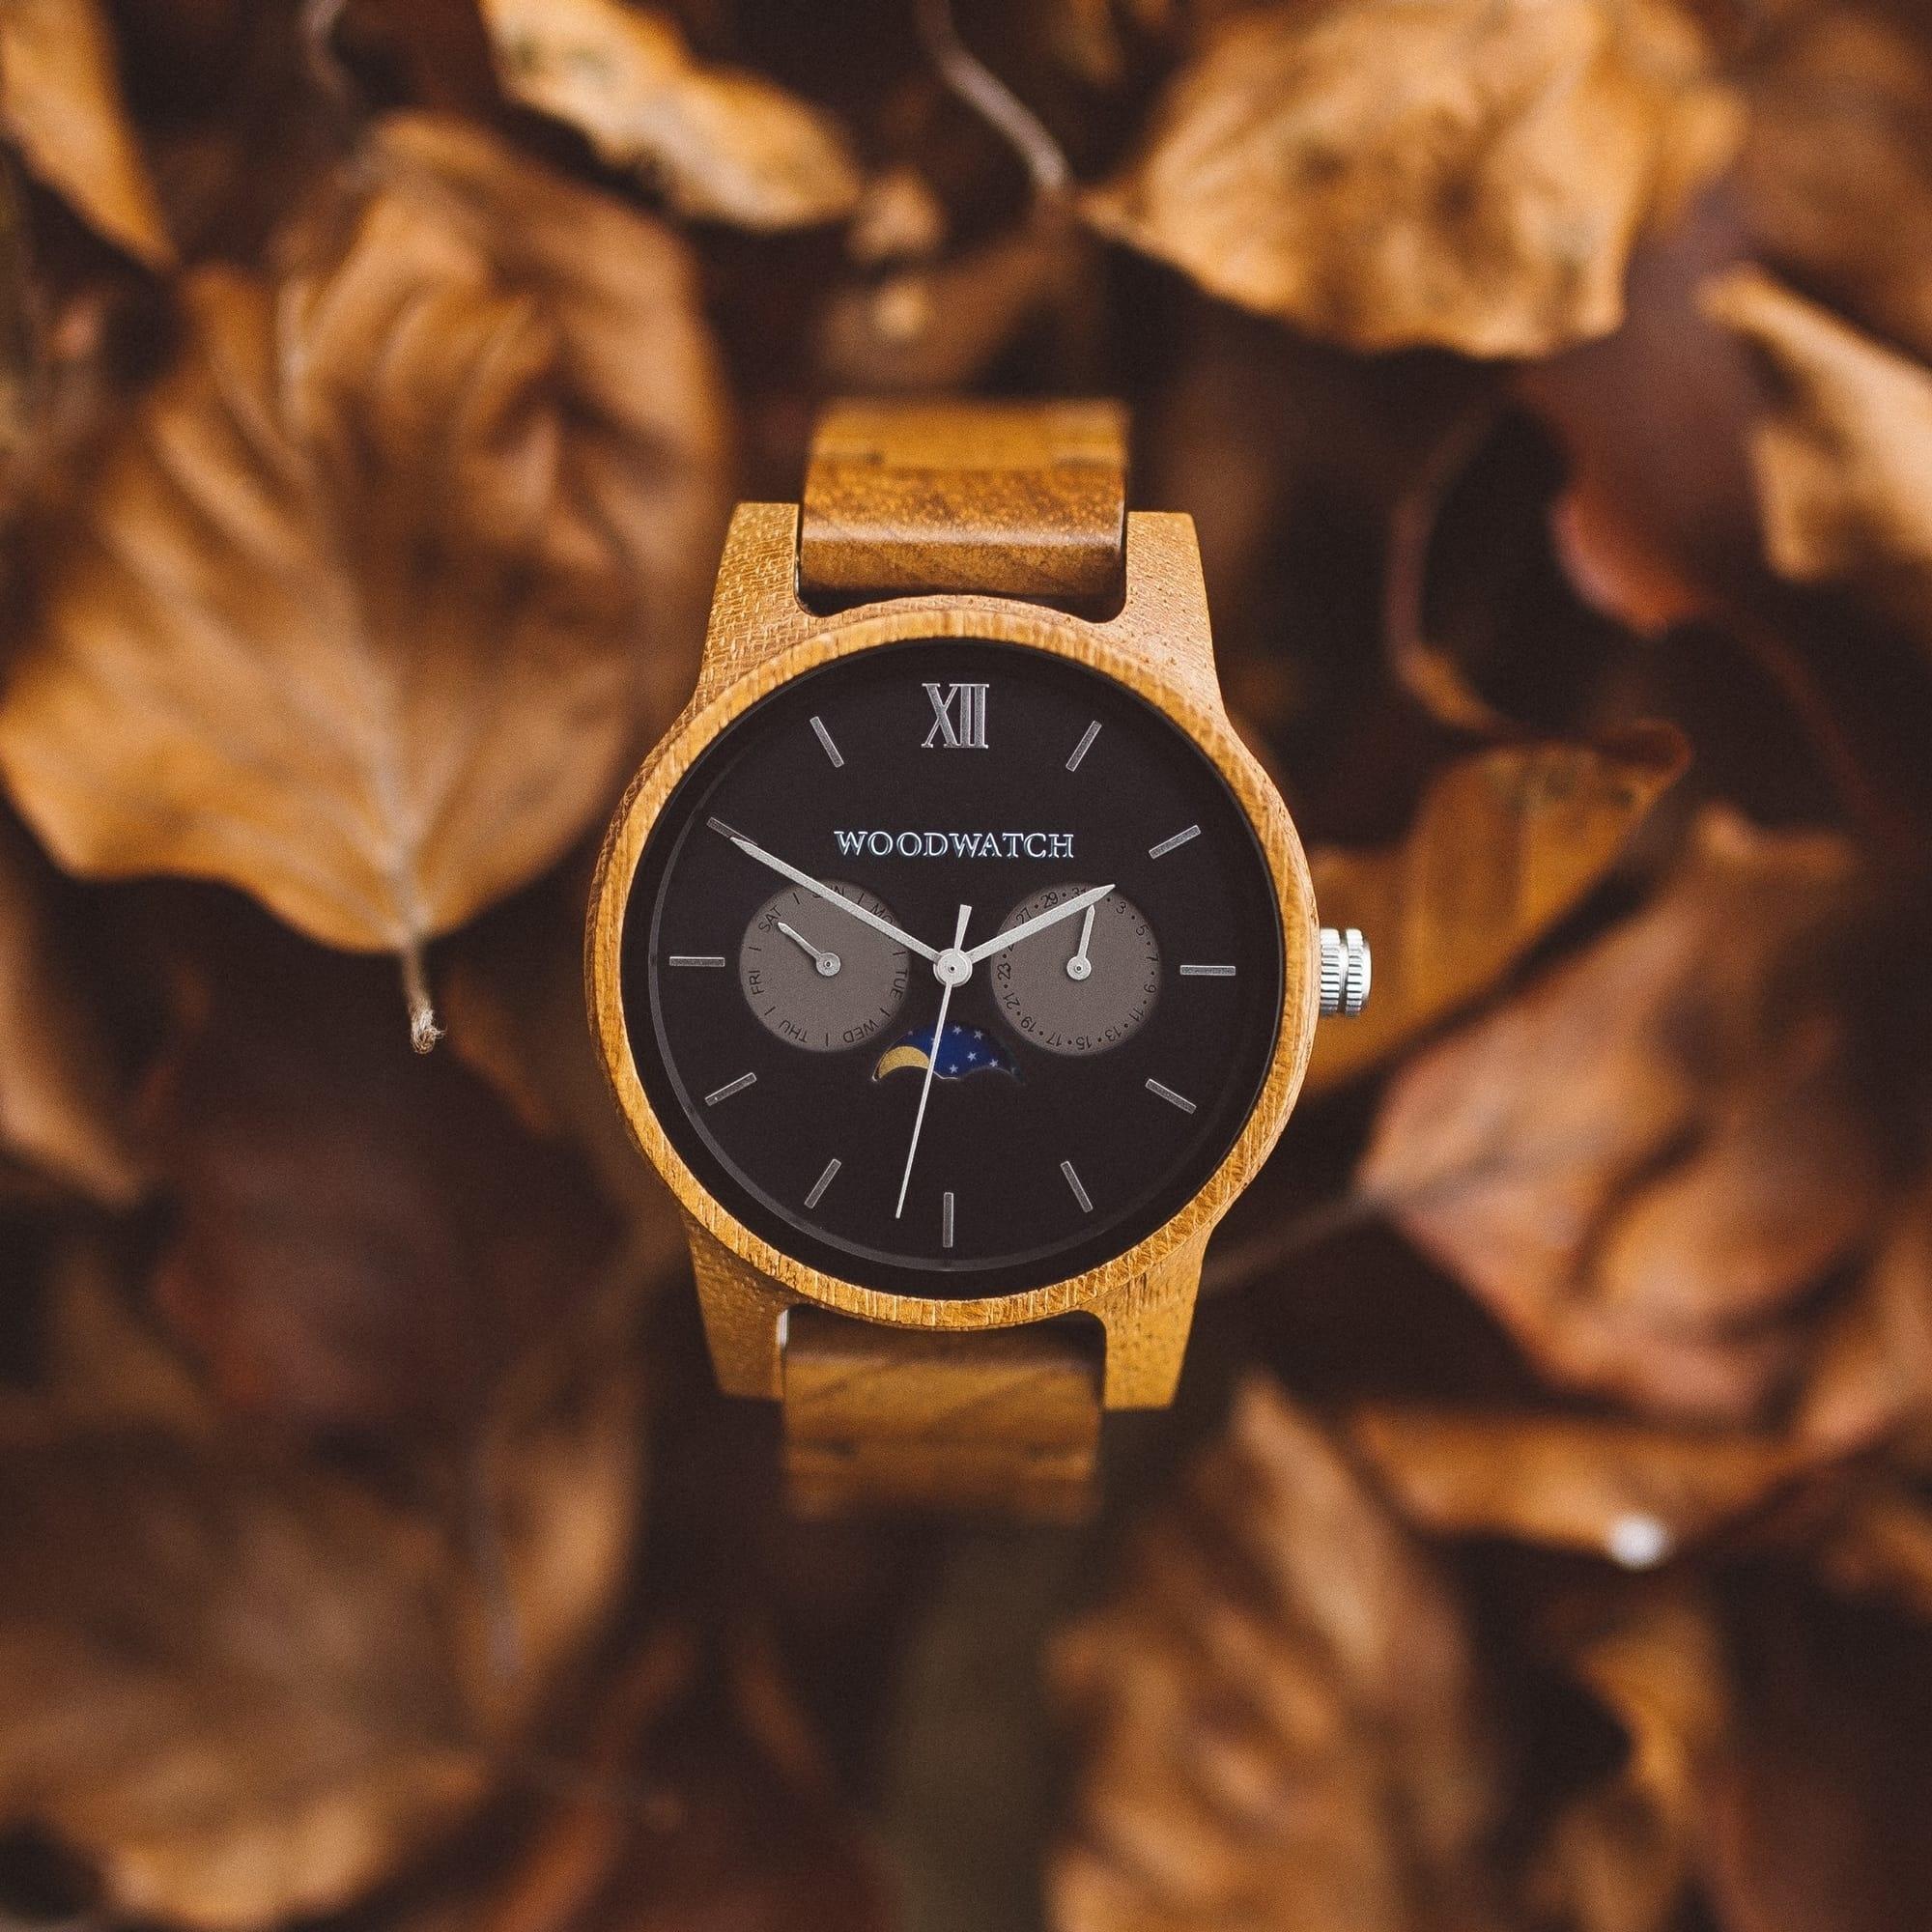 Classic Kollektionen gentænker æstetikken bag det originale WoodWatch ur. Den slanke ramme giver uret sit klassiske look, som kontrasteres af det topmoderne, multifunktionelle månefase-urværk, som har to ekstra urskiver, der måler uger og måneder. CLASSIC